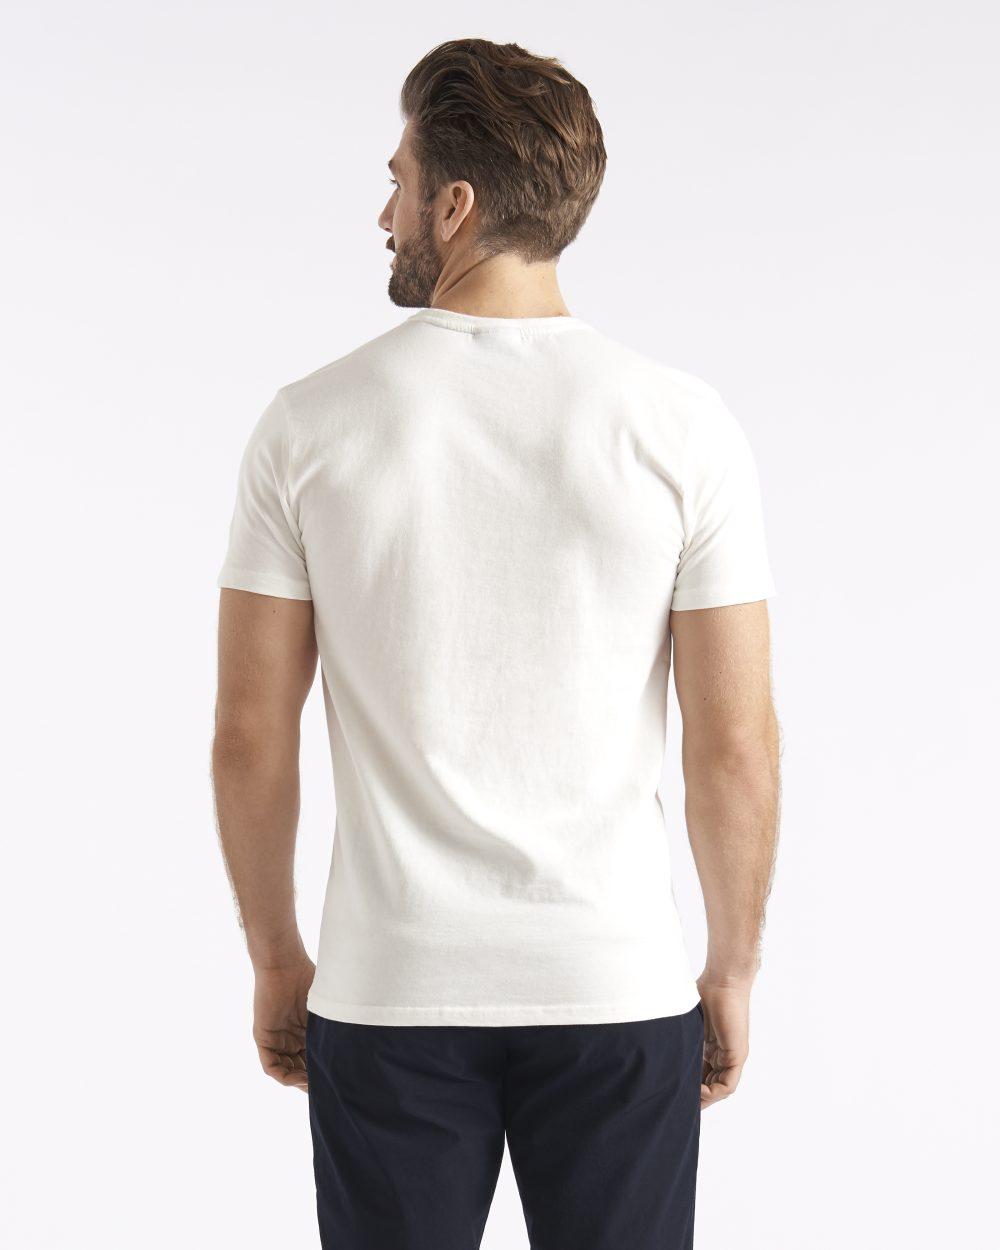 Miesten valkoinen puuvillainen t-paita takaapäin